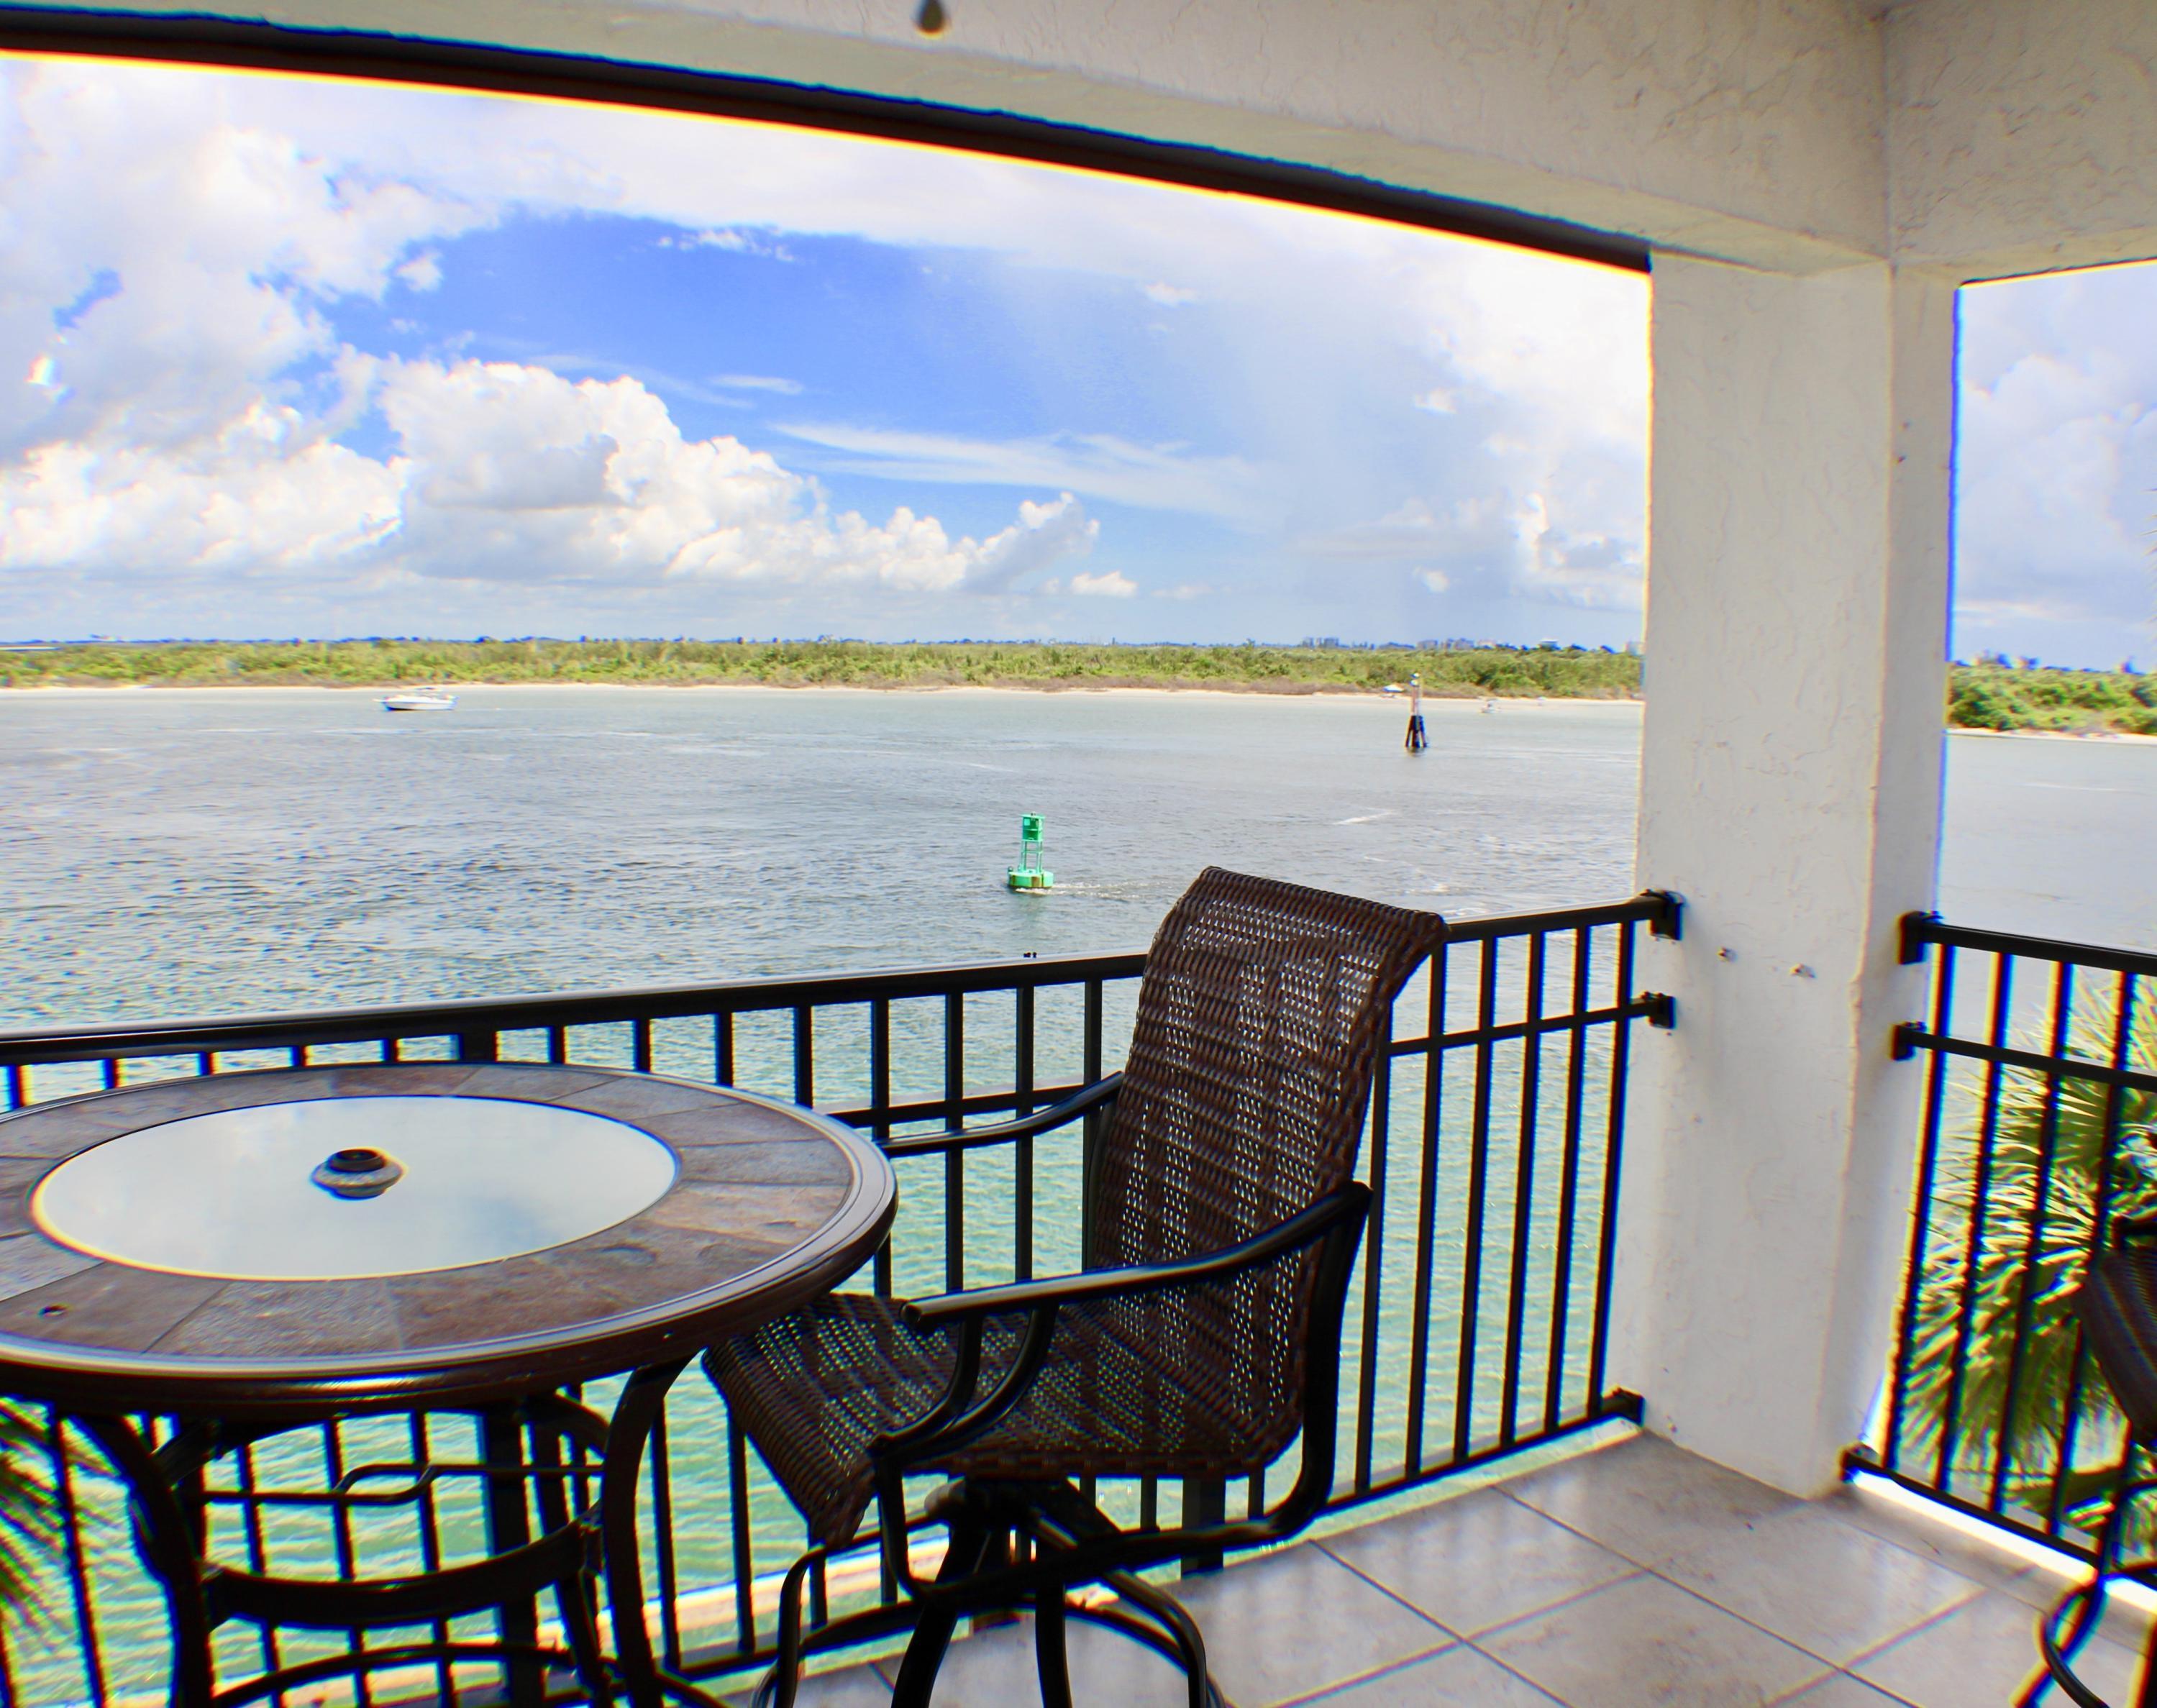 1630 Seaway Drive, Fort Pierce, Florida 34949, 2 Bedrooms Bedrooms, ,2 BathroomsBathrooms,Condo/Coop,For Rent,Seaway,3,RX-10538280